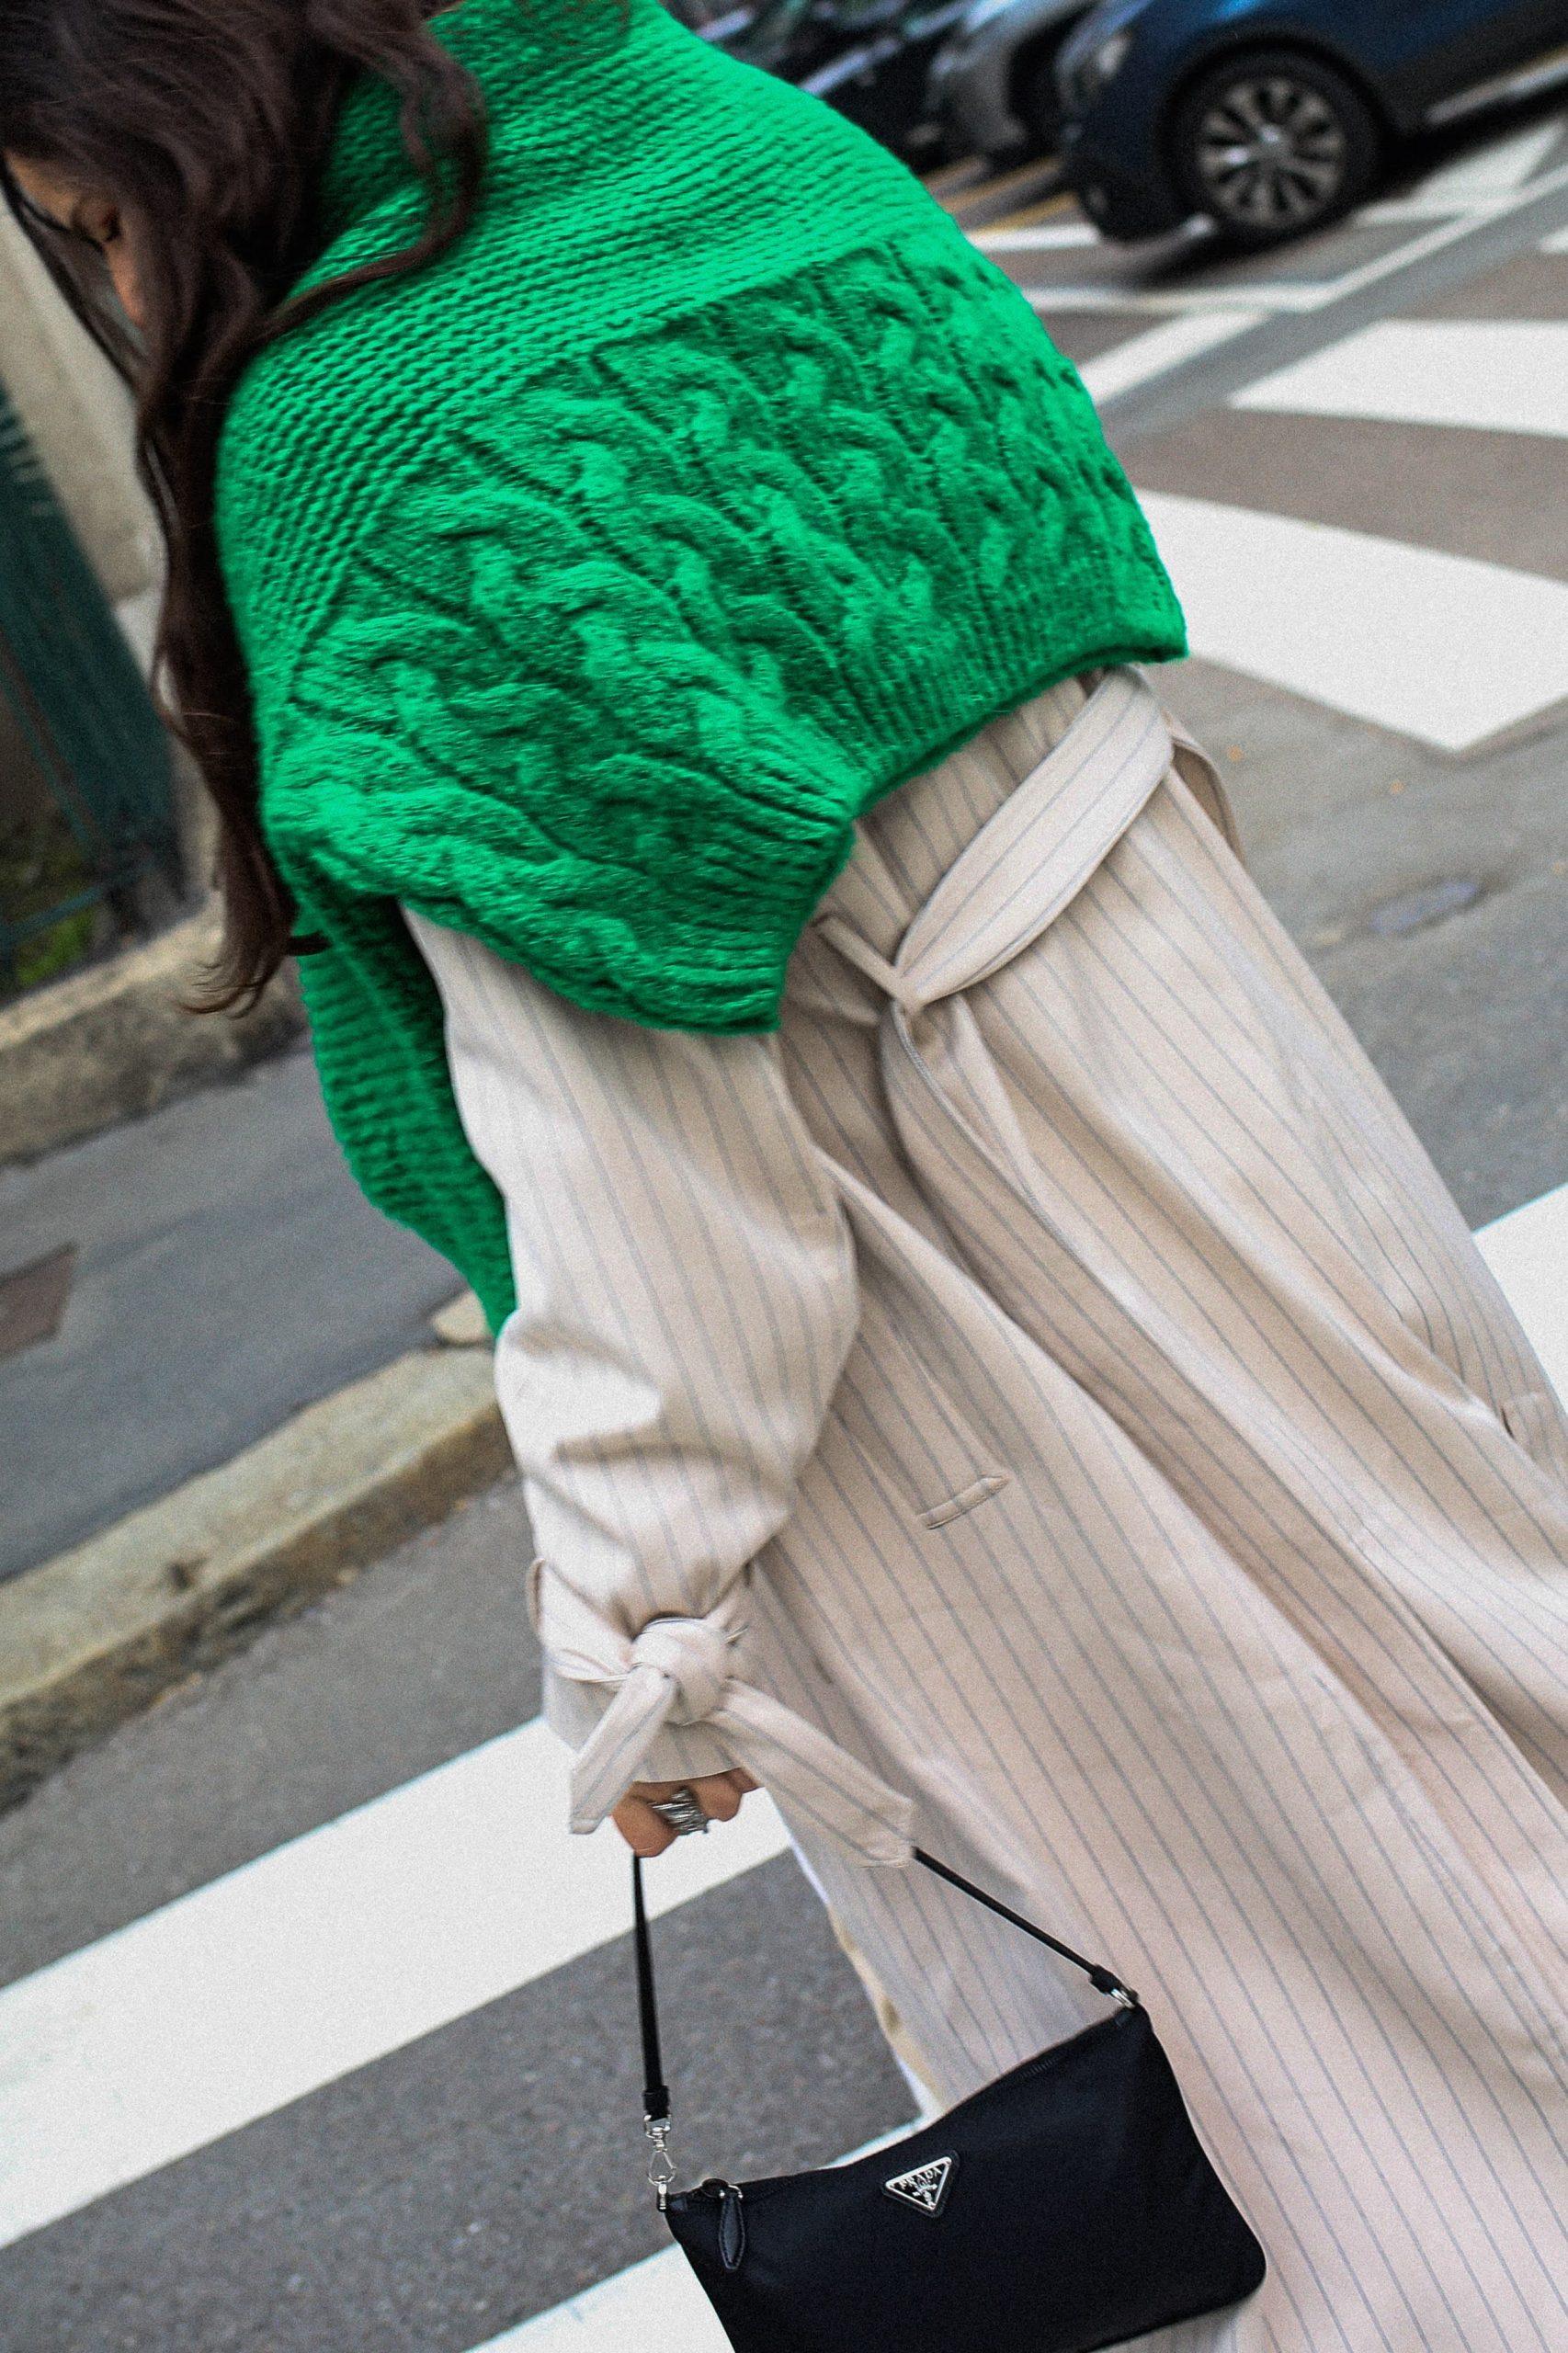 Milan Street Style by Thomas Razzano Photos